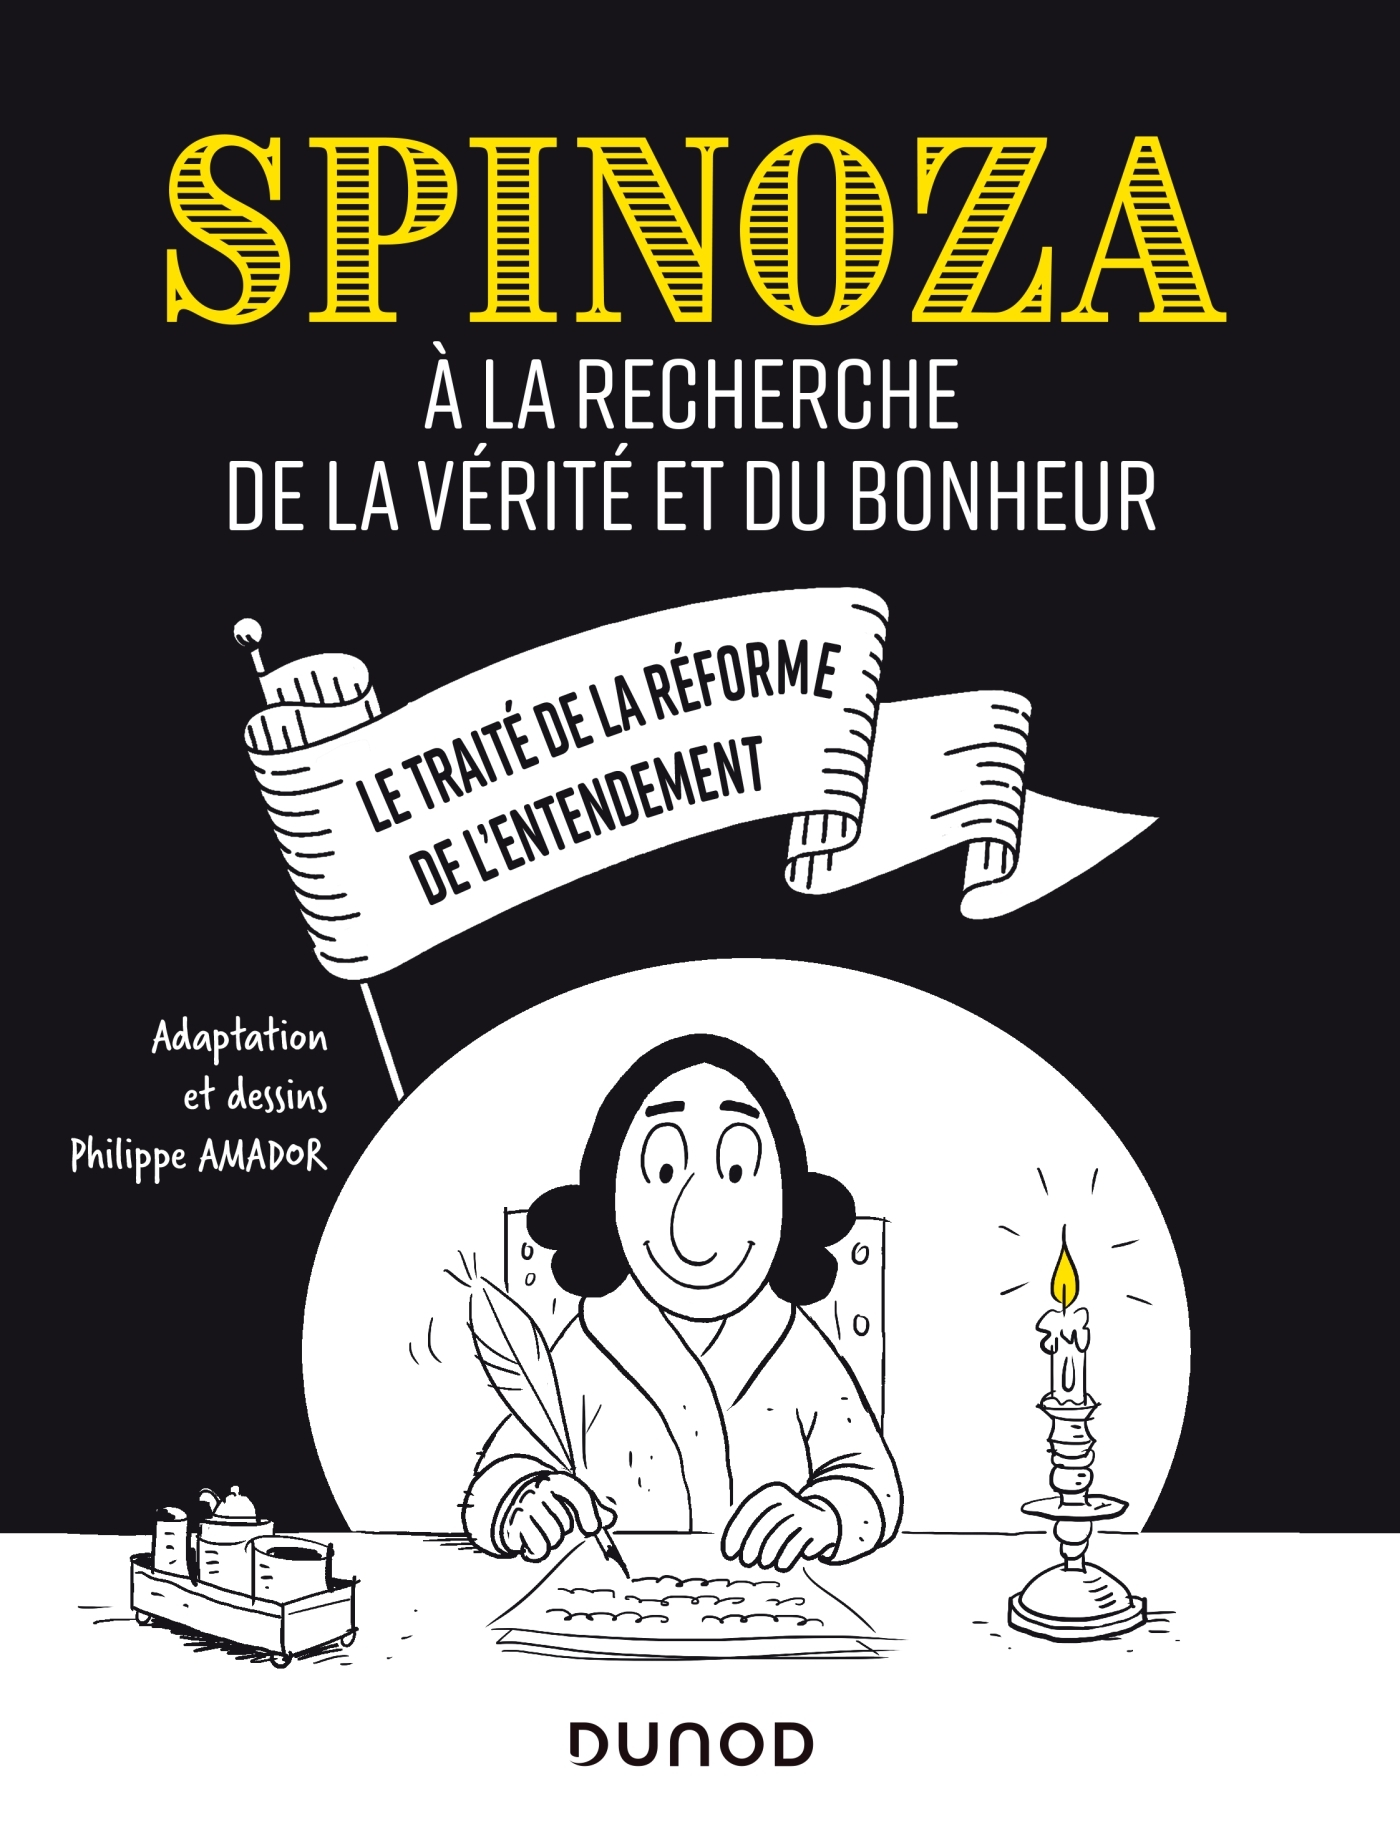 SPINOZA - A LA RECHERCHE DE LA VERITE ET DU BONHEUR